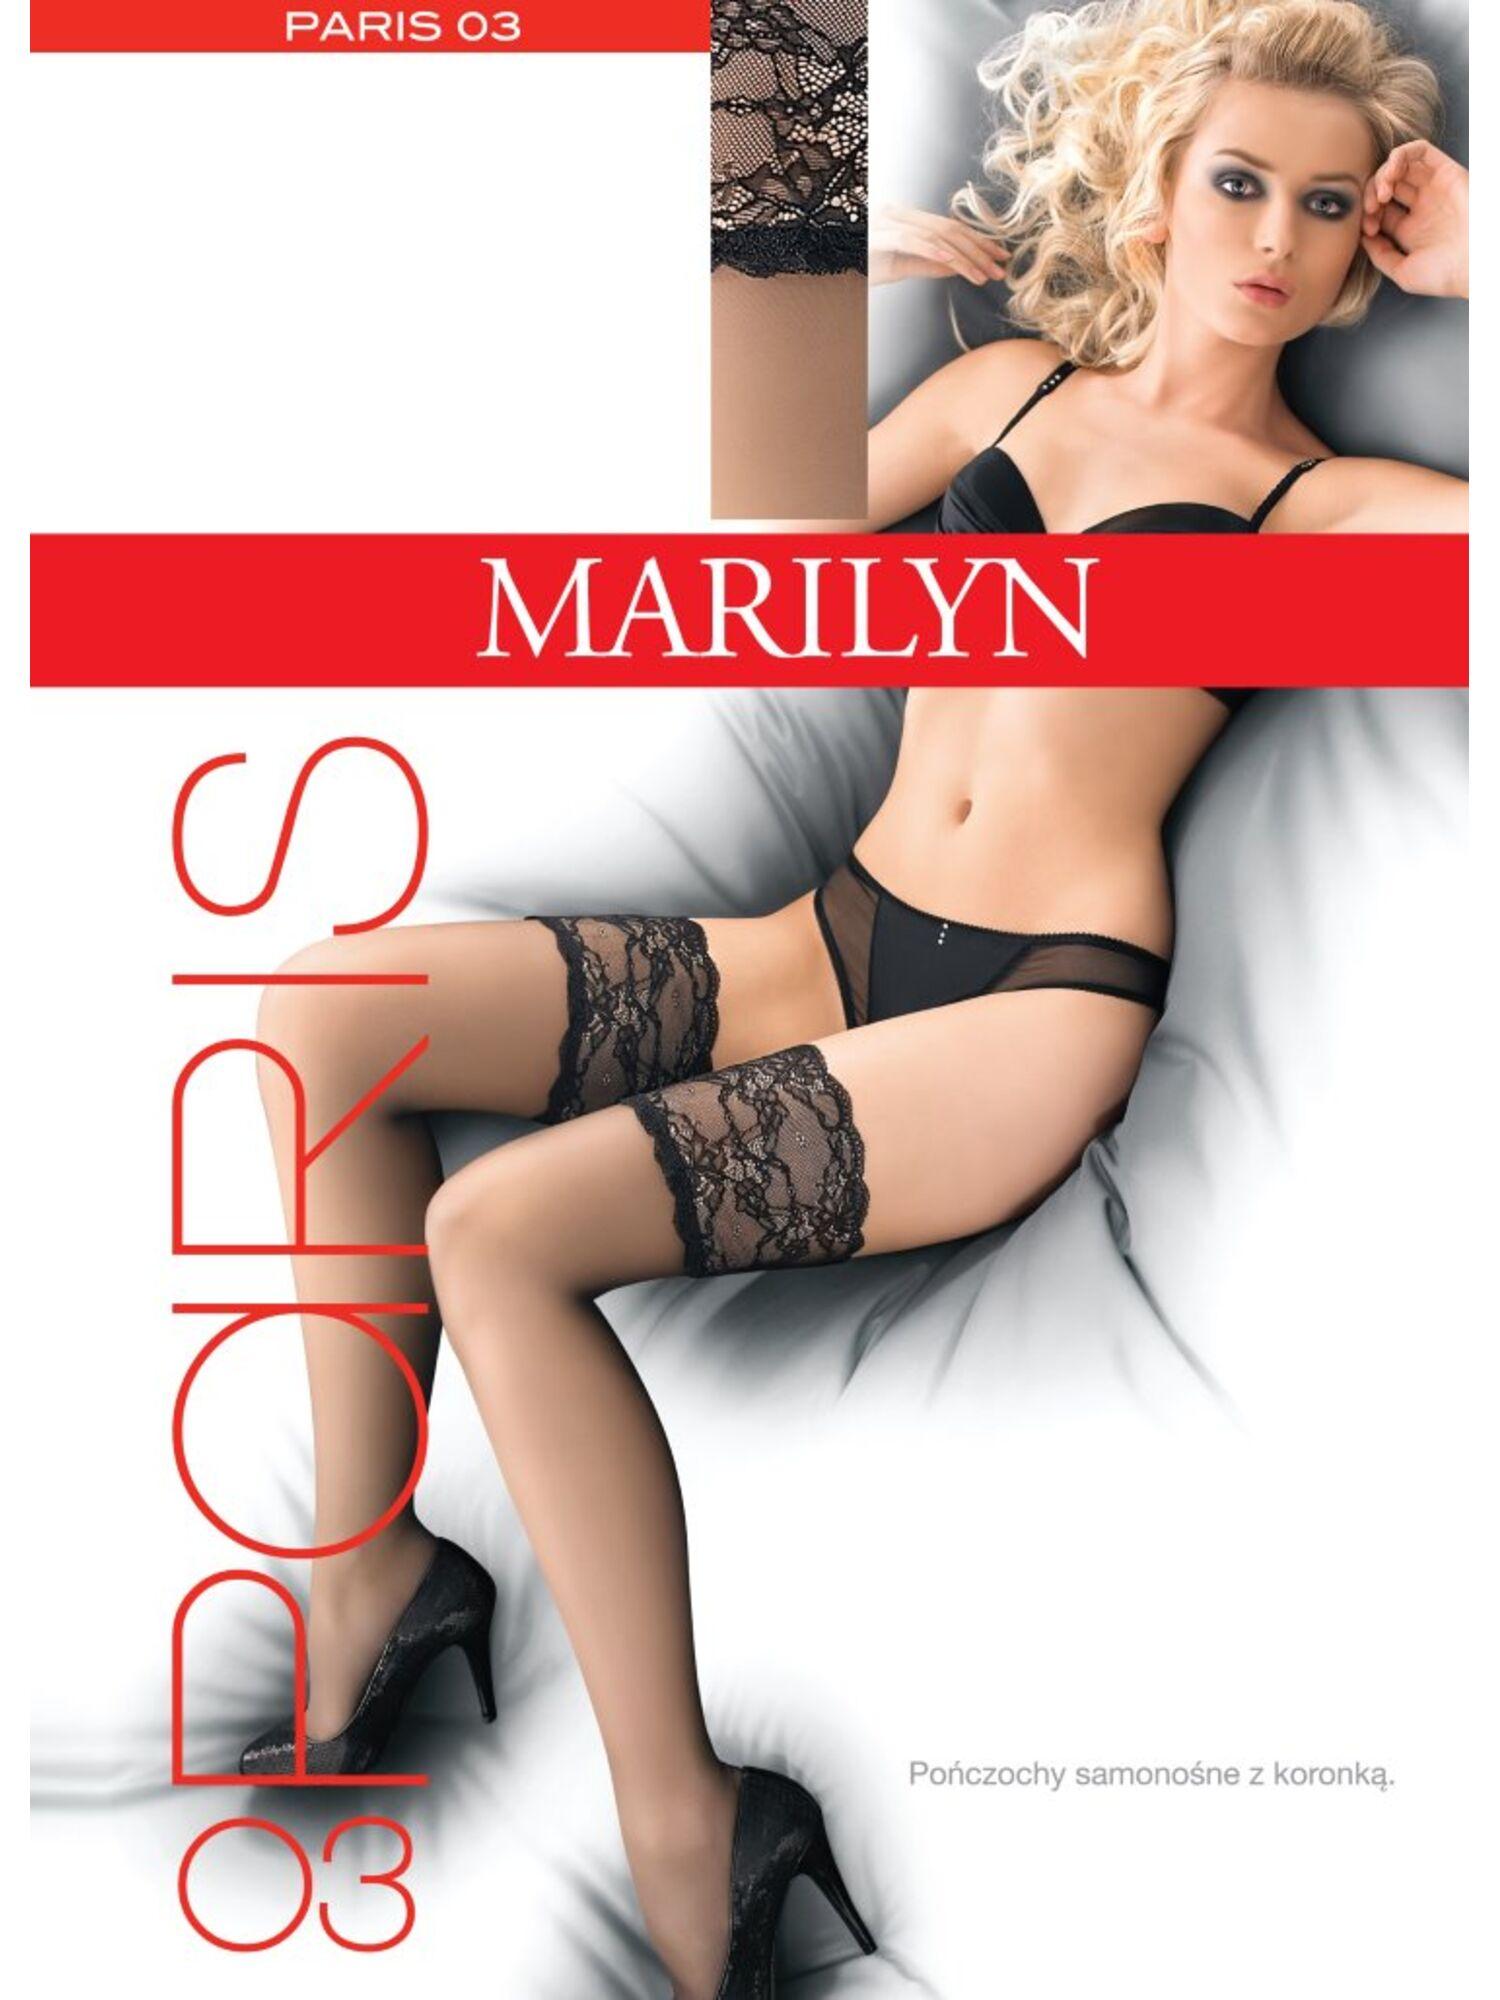 Чулки женские на резинке PARIS 03, Marilyn (Польша)